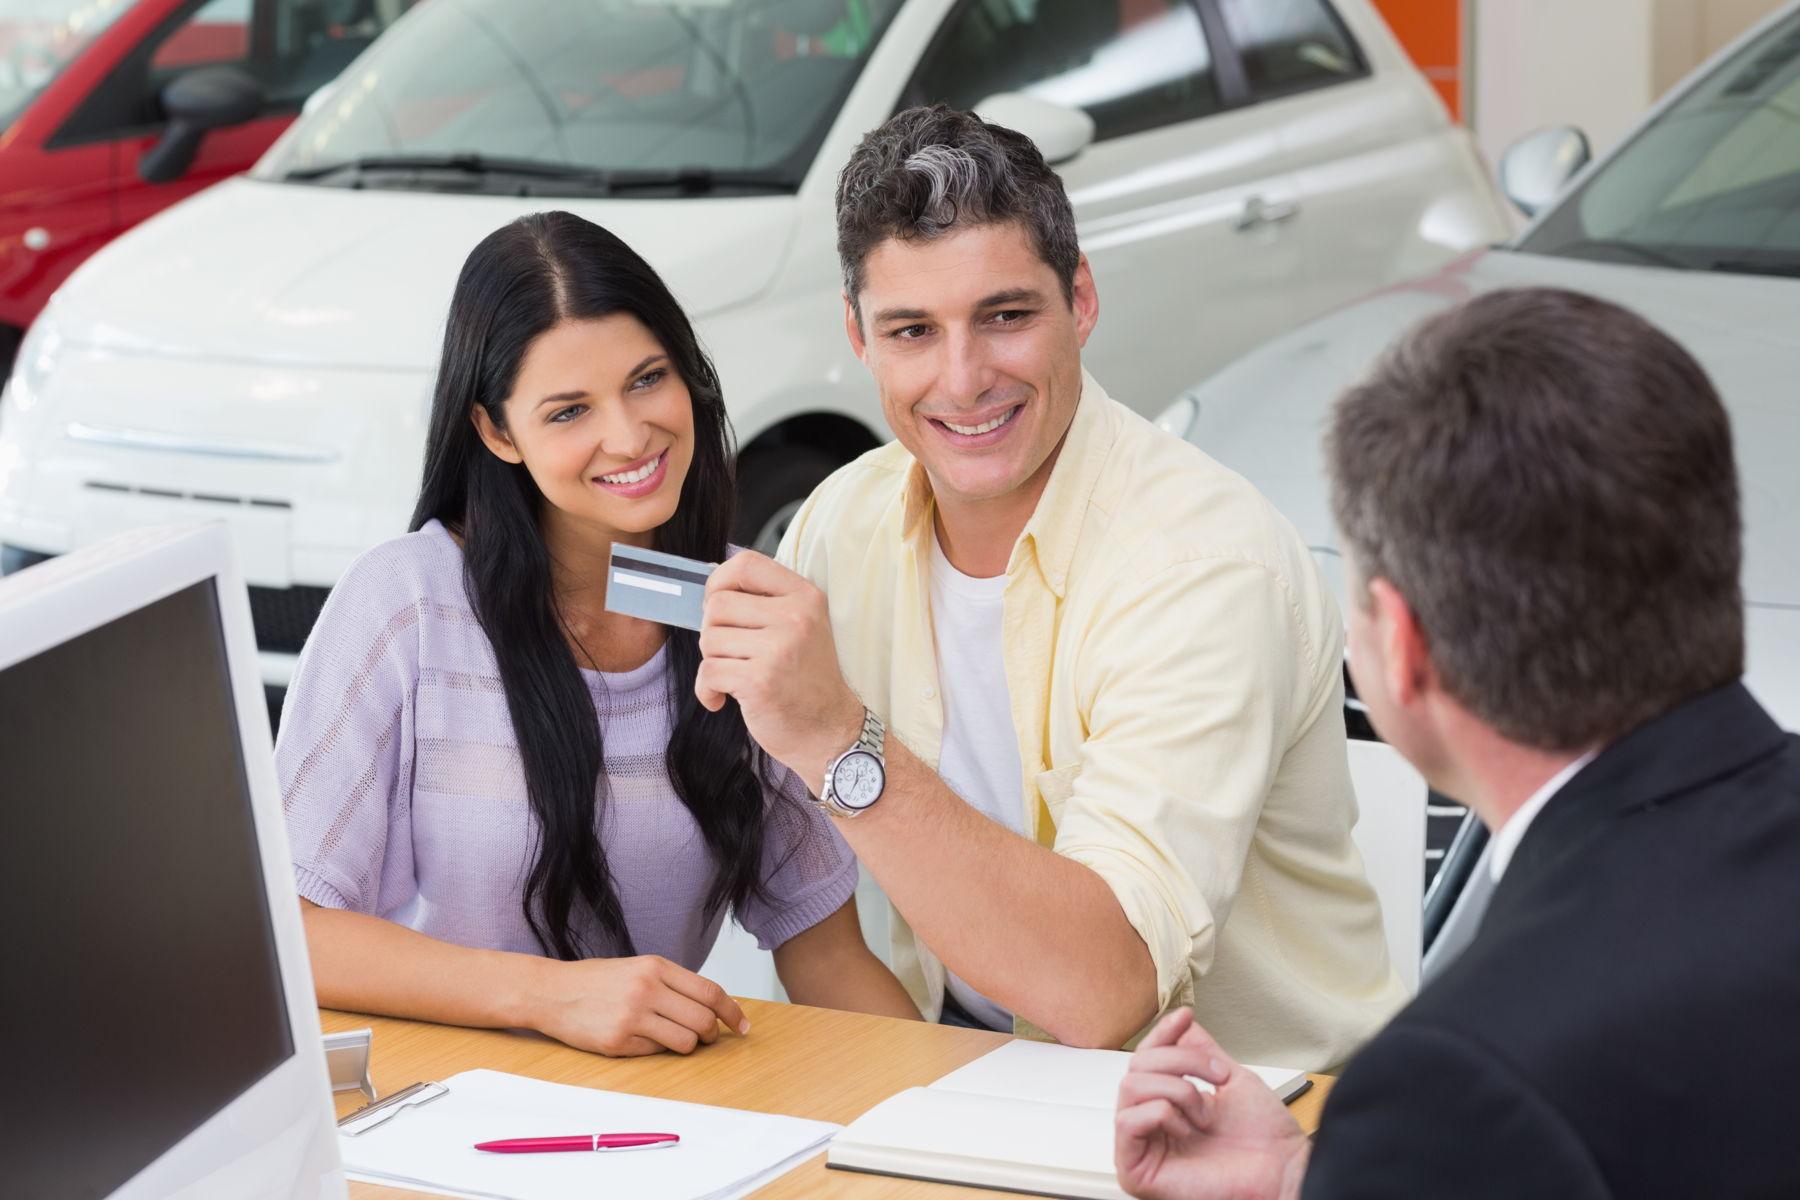 Migliori noleggio auto senza carta di credito